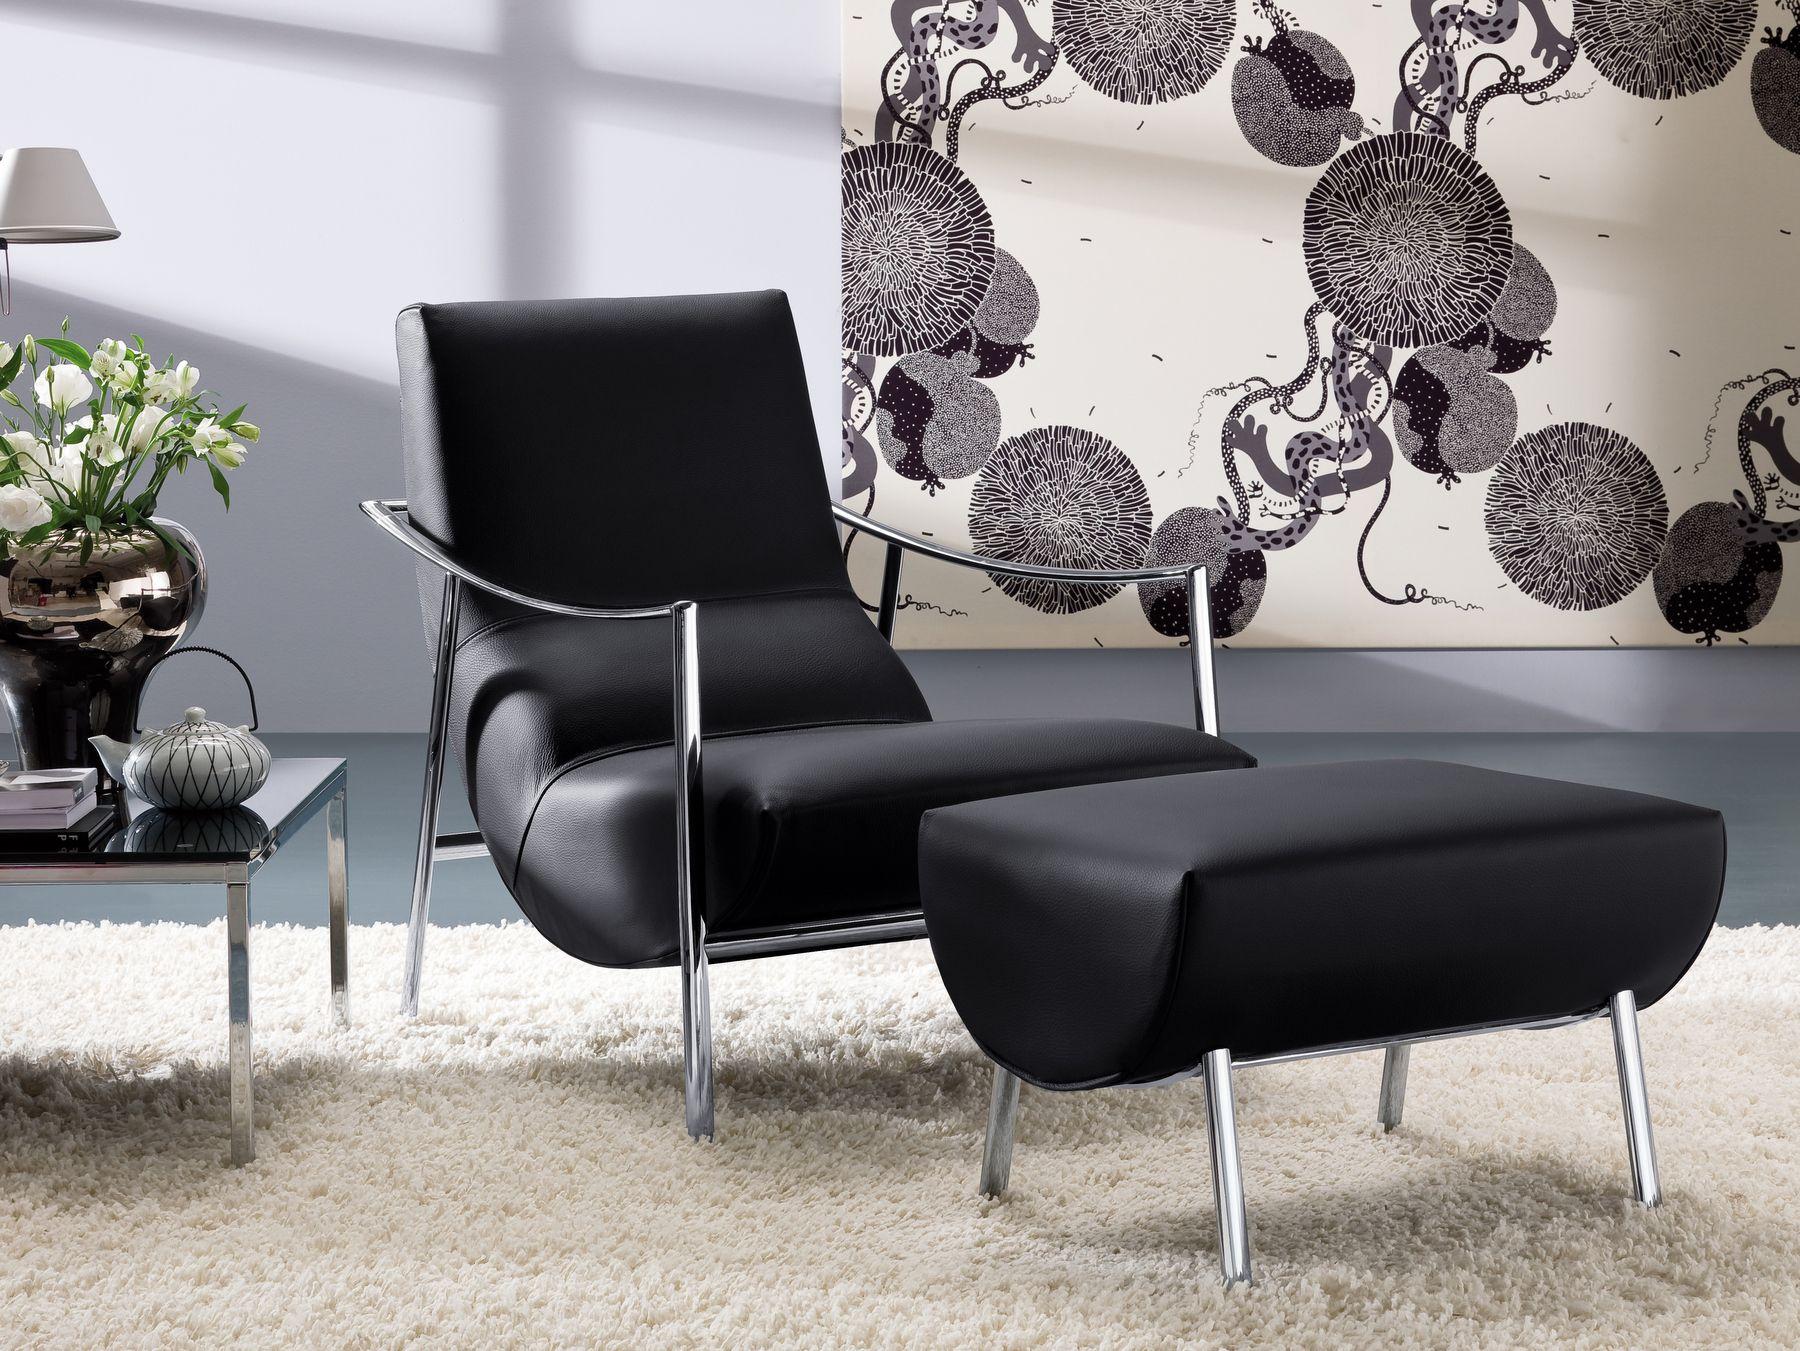 atul leather armchair by bontempi casa design carlo bimbi. Black Bedroom Furniture Sets. Home Design Ideas